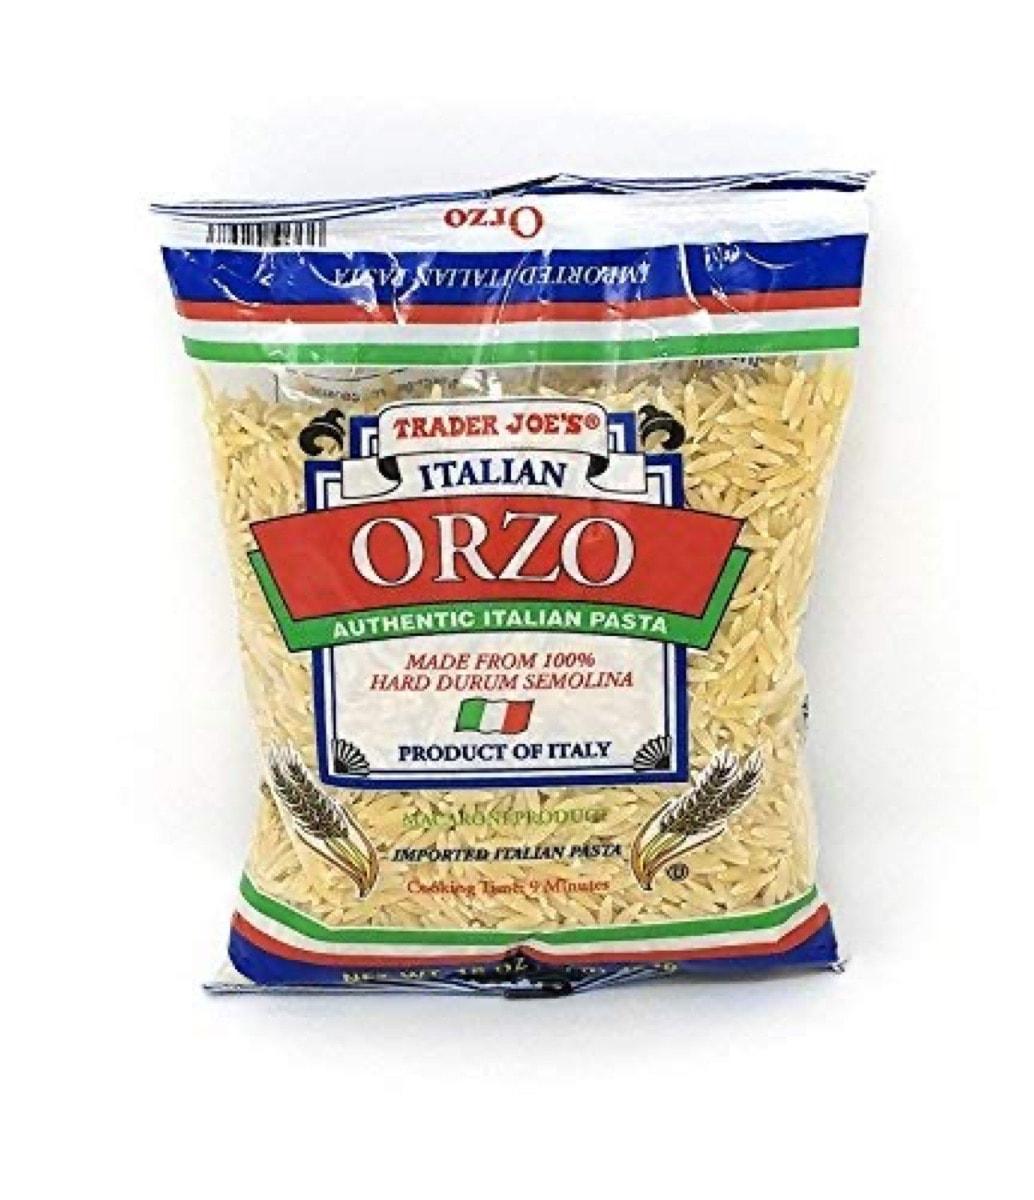 Trader Joe's Orzo pasta